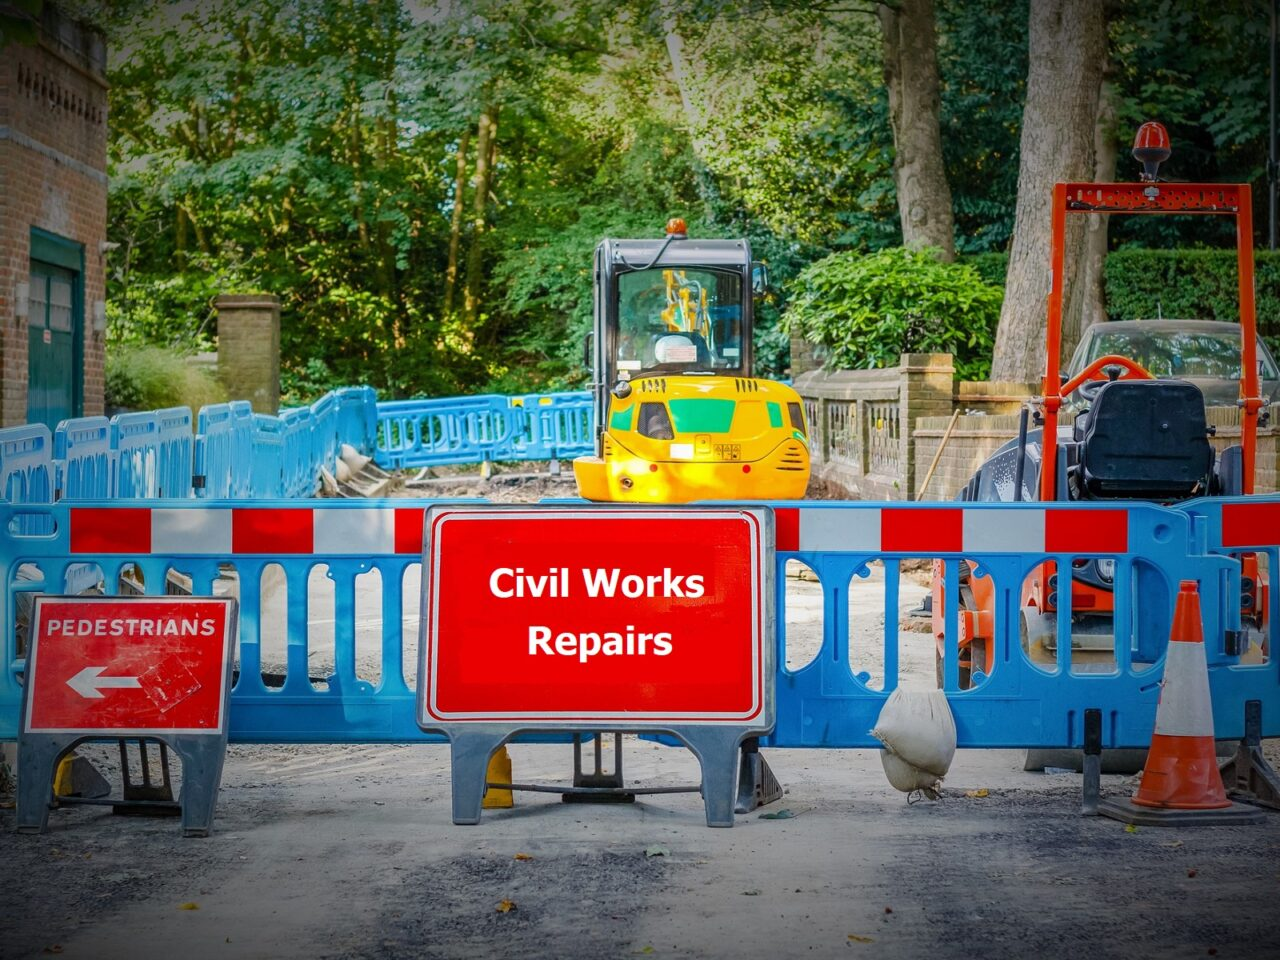 Civil Works maintenance